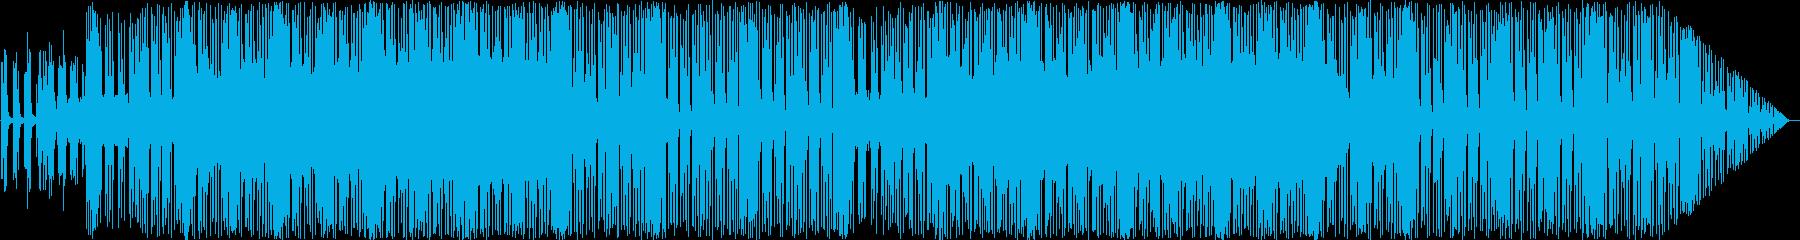 ハイテク 近未来 SF 工業 工場の再生済みの波形